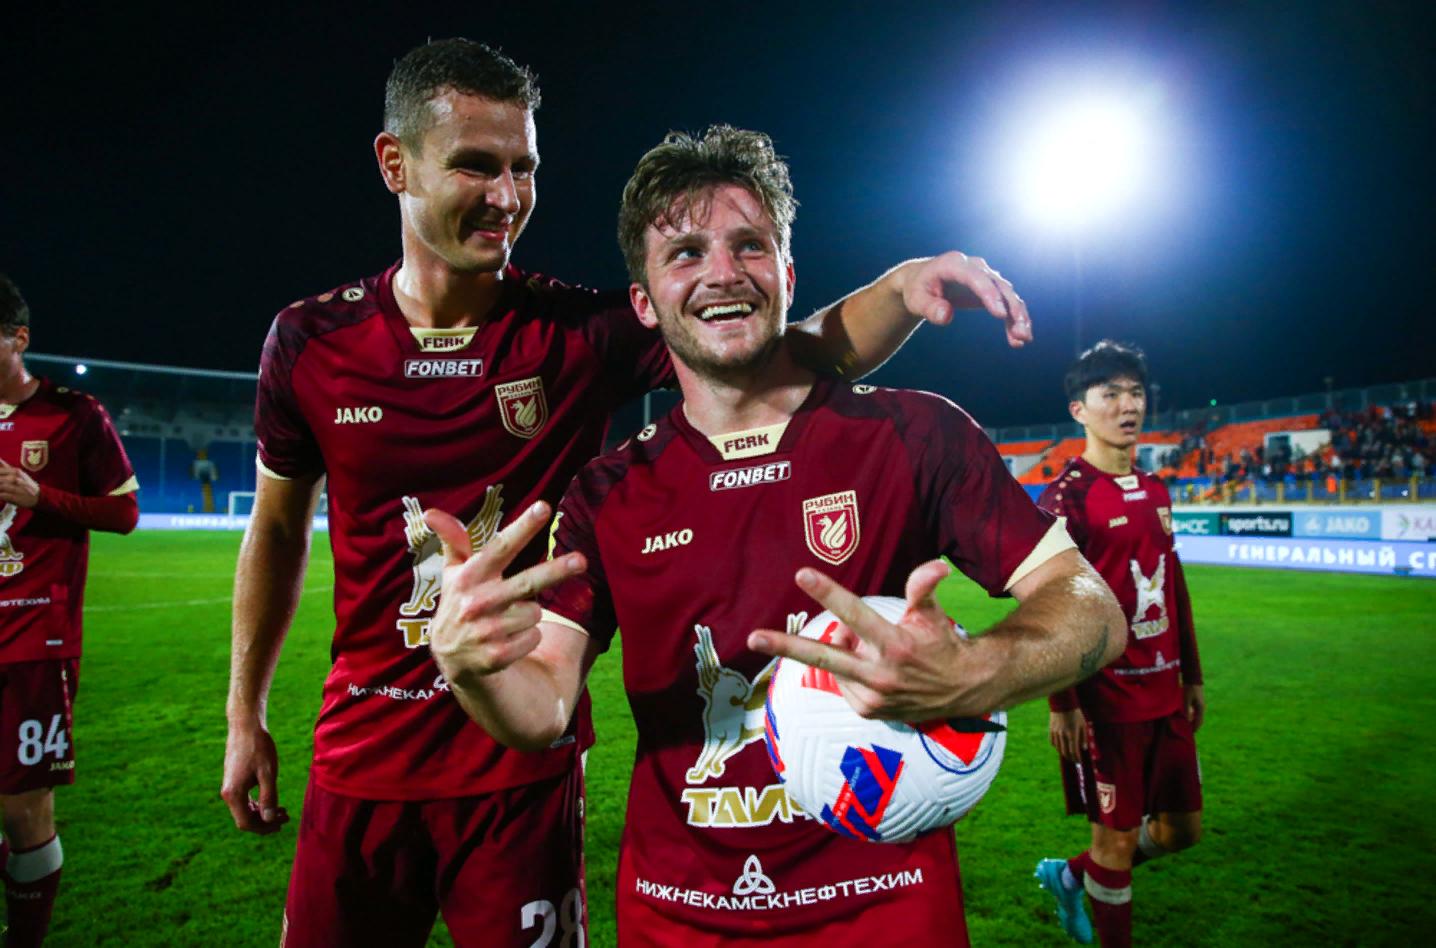 Андерс Дрейер и пять других успешных дебютов в российском футболе. Что стало с ними стало?  Часть 1